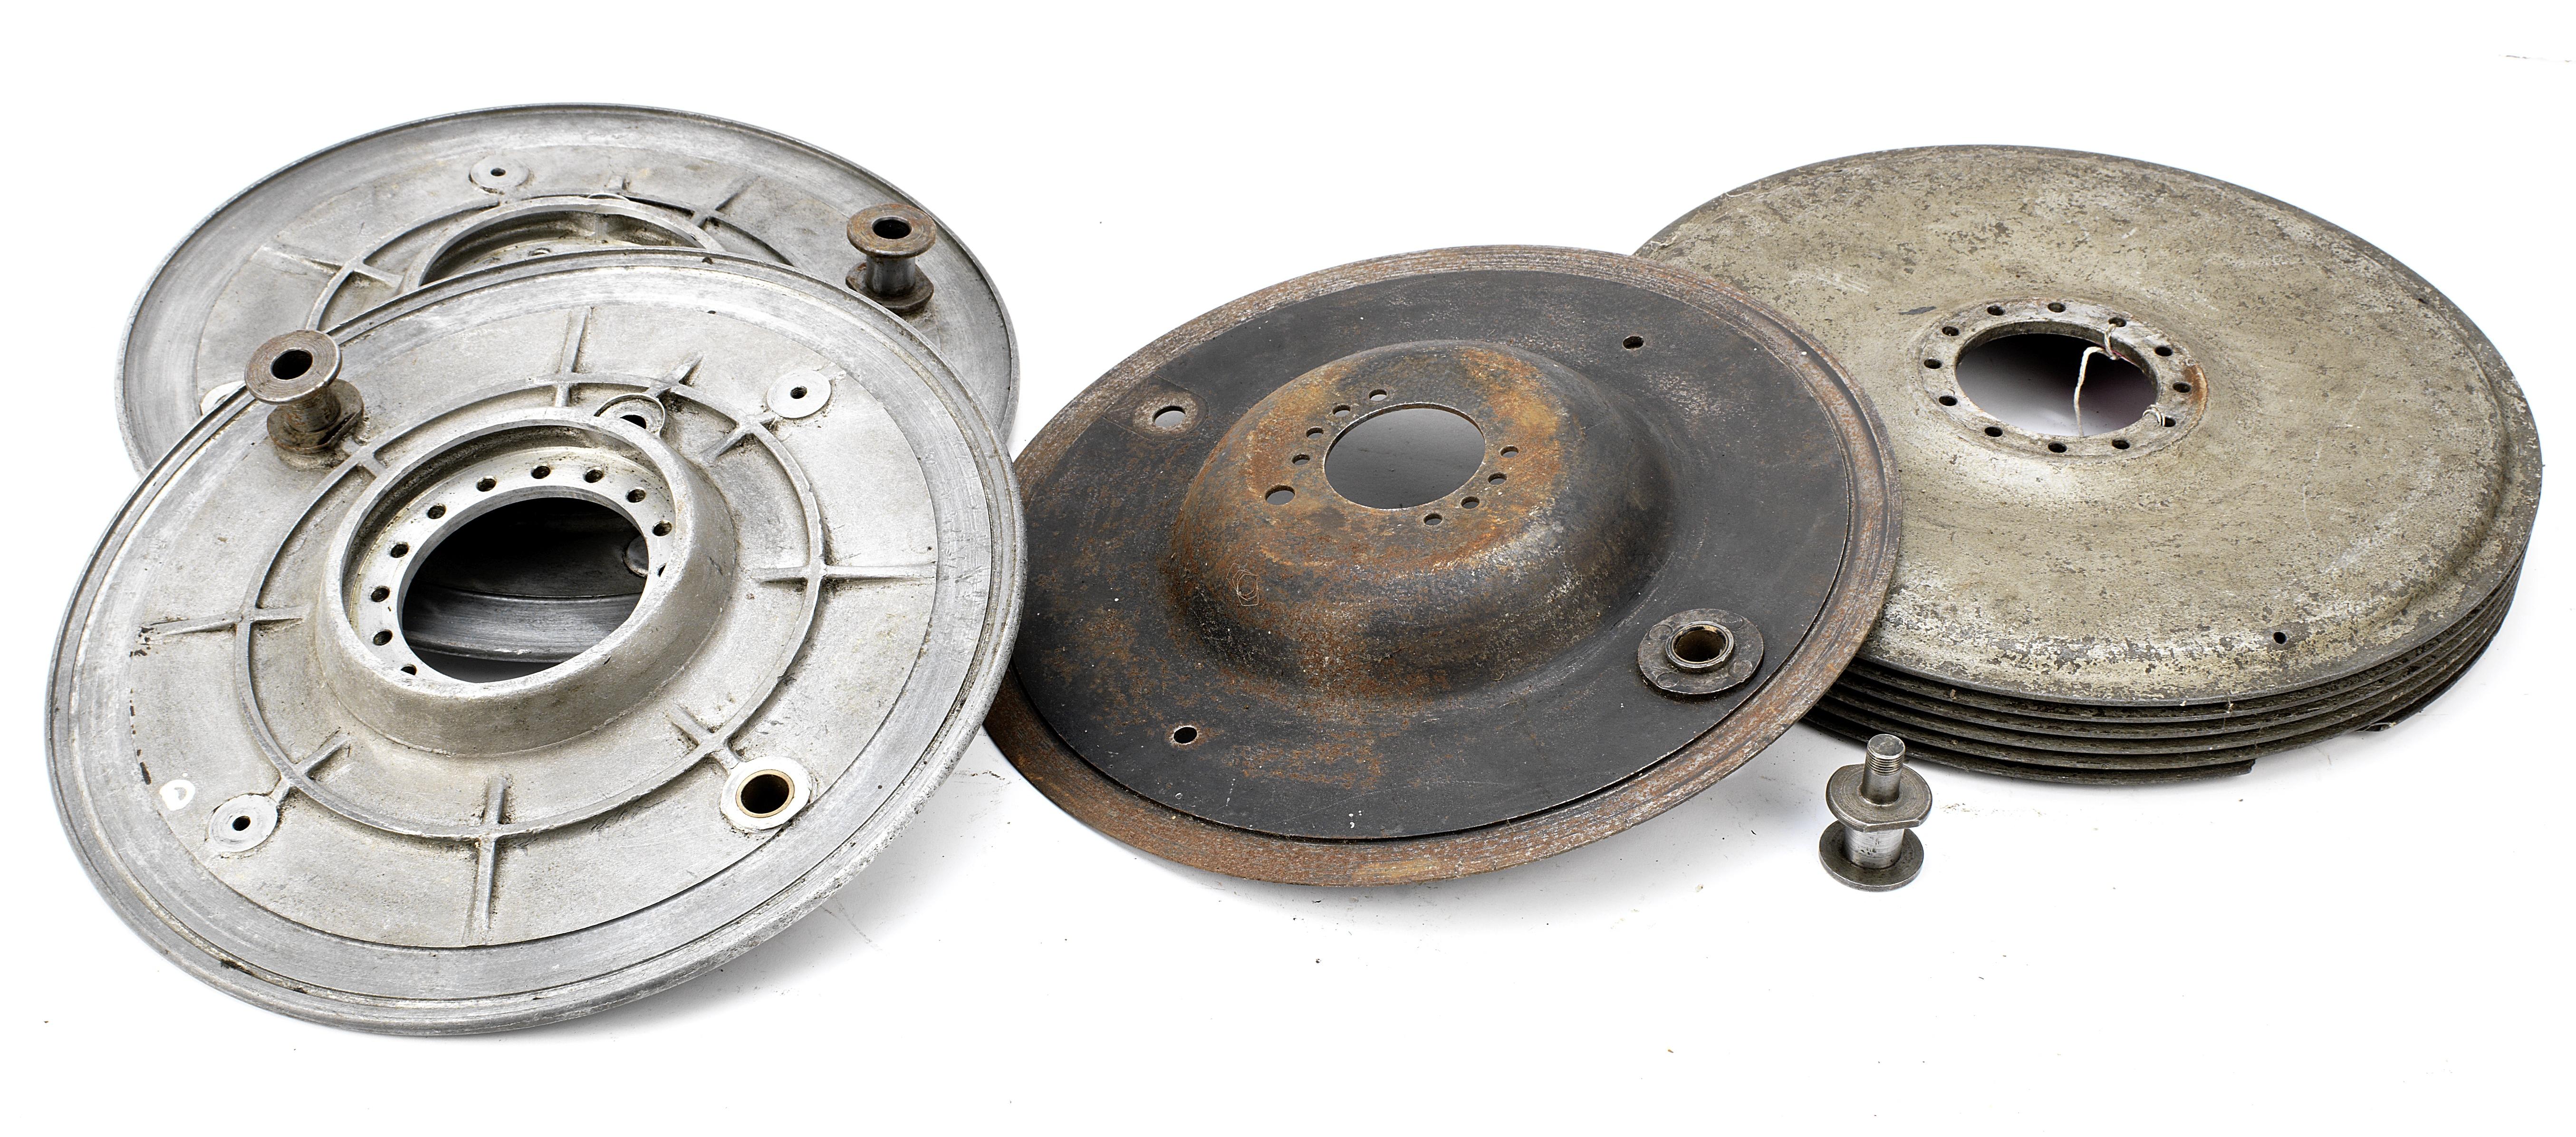 Bugatti Type 57s brake components, ((5))